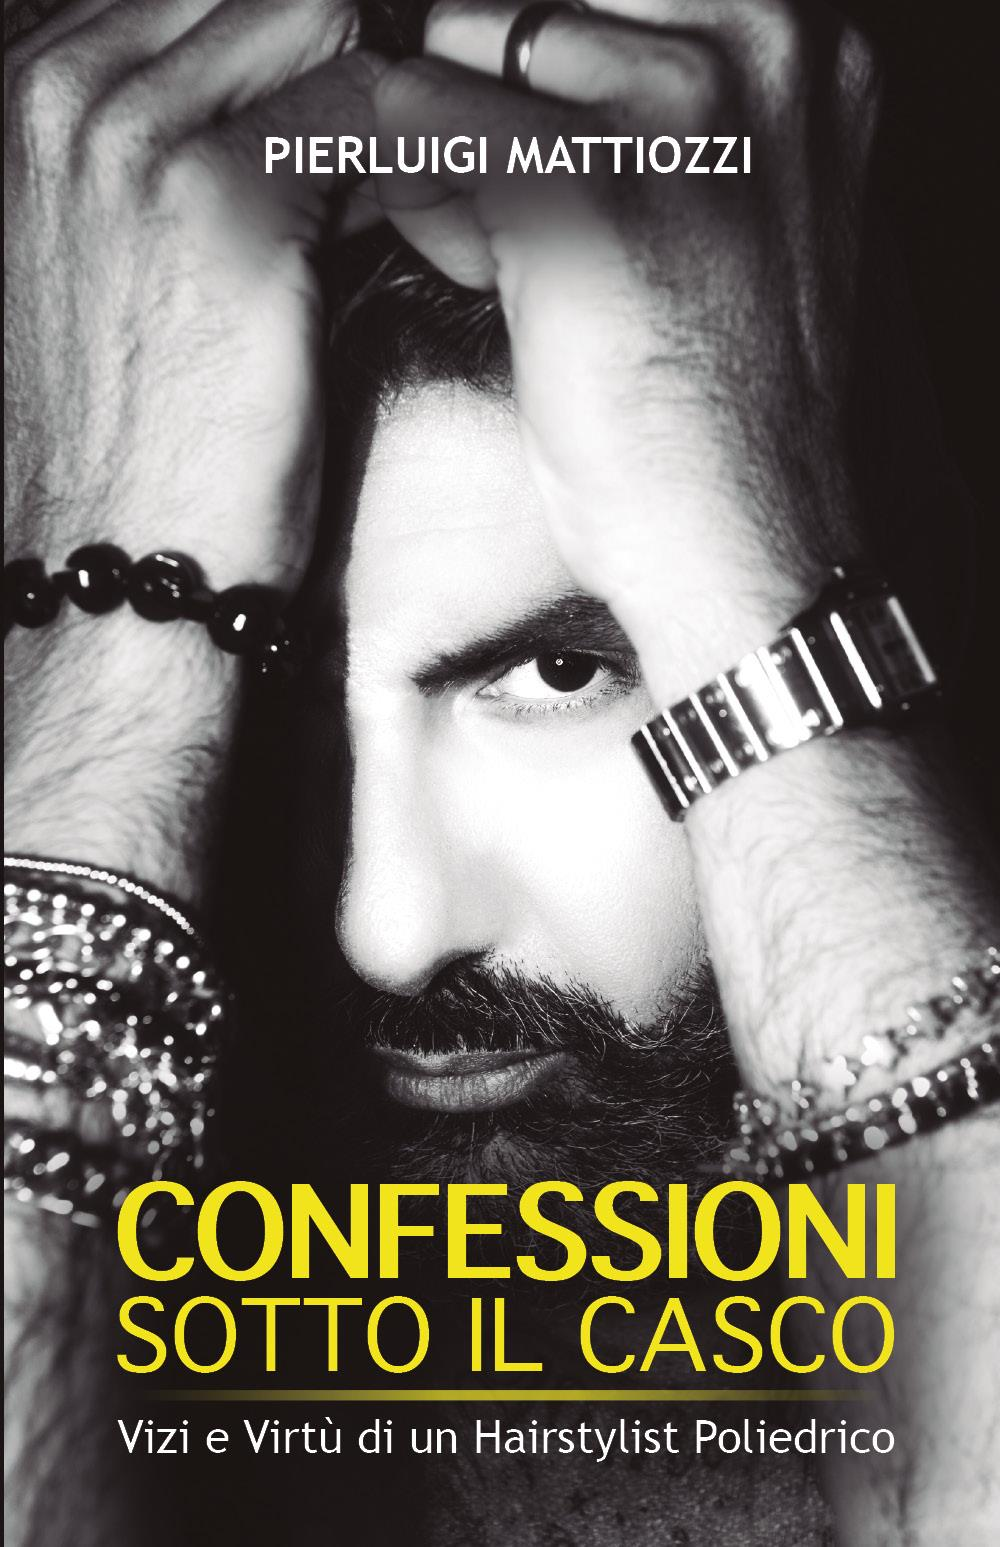 Confessioni sotto il casco